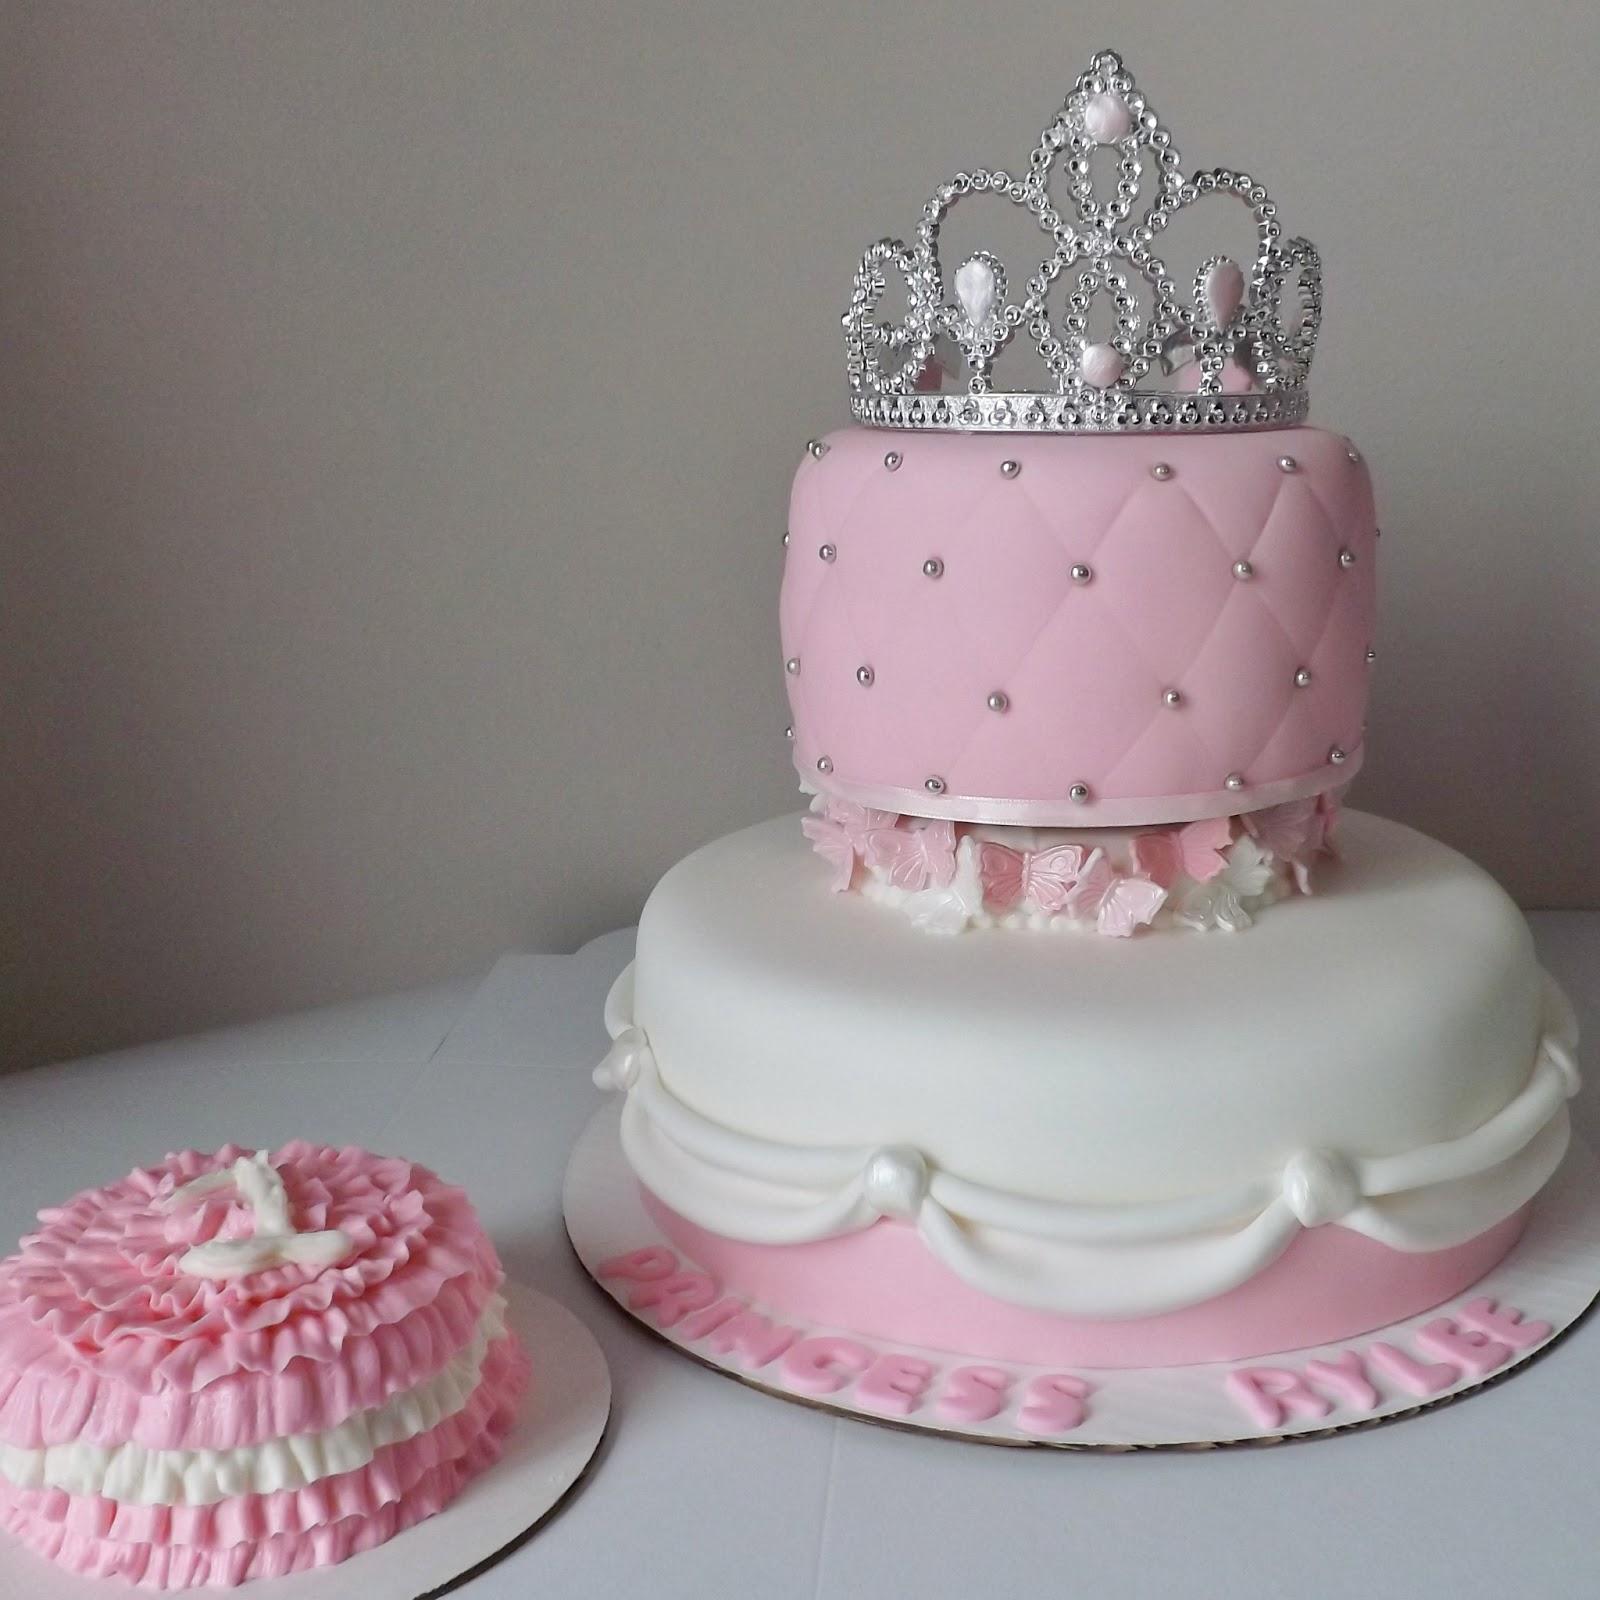 Tiara Birthday Cakes